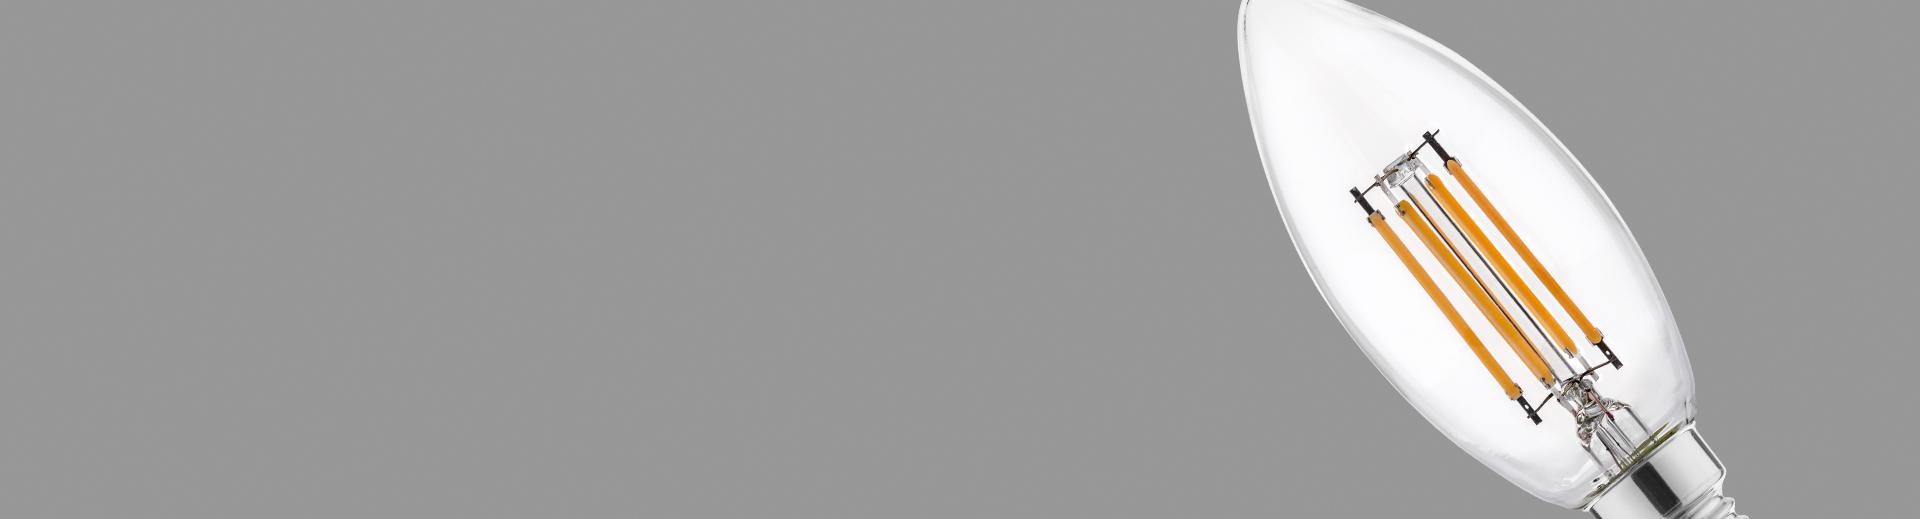 Targetti_TecnoC37_Banner